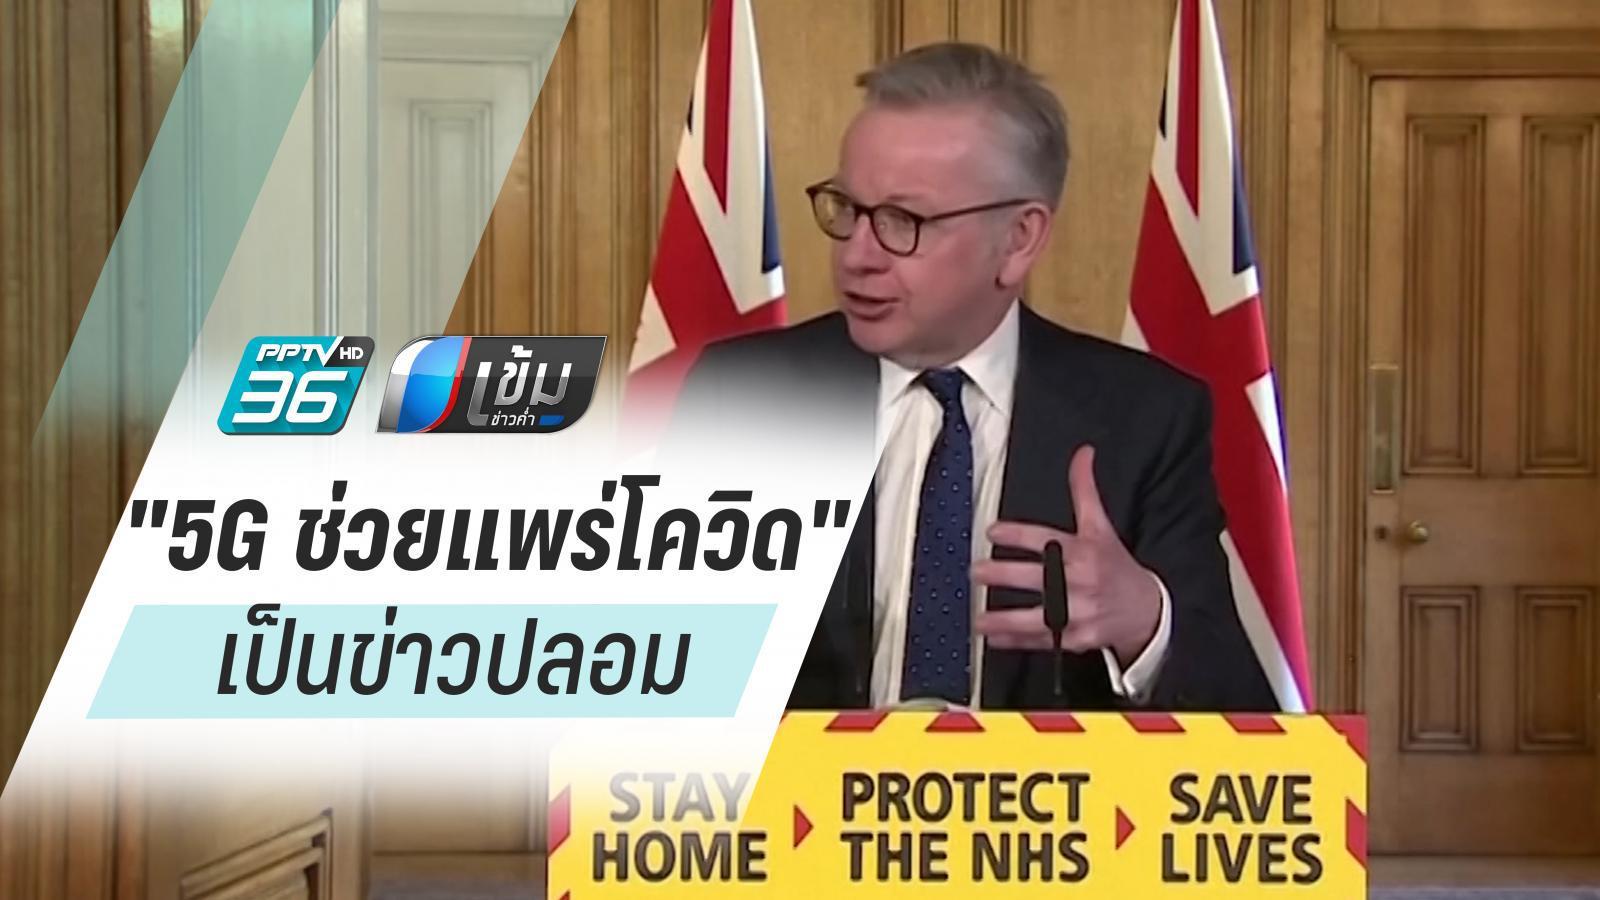 """รัฐบาลอังกฤษโต้ทฤษฎี """"5G ช่วยแพร่โควิด"""" เป็นข่าวปลอม"""